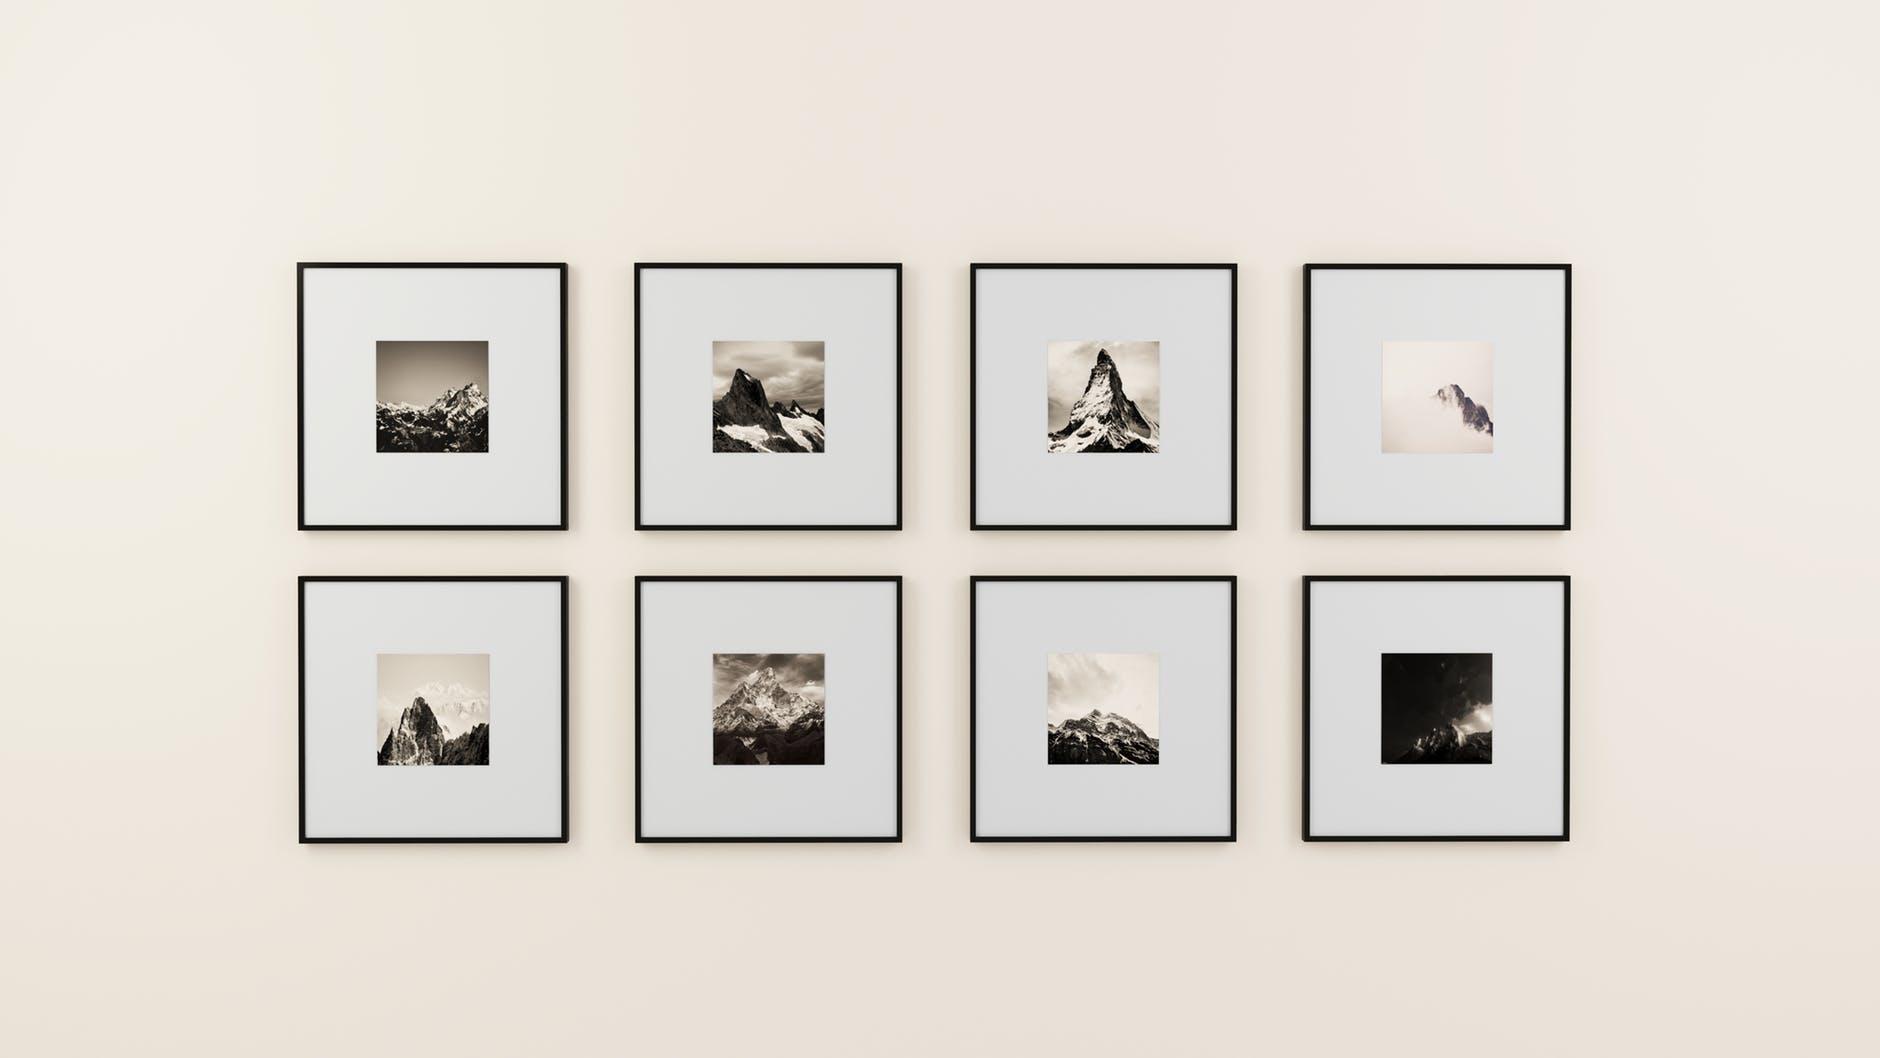 Framed photographs on a blank wall